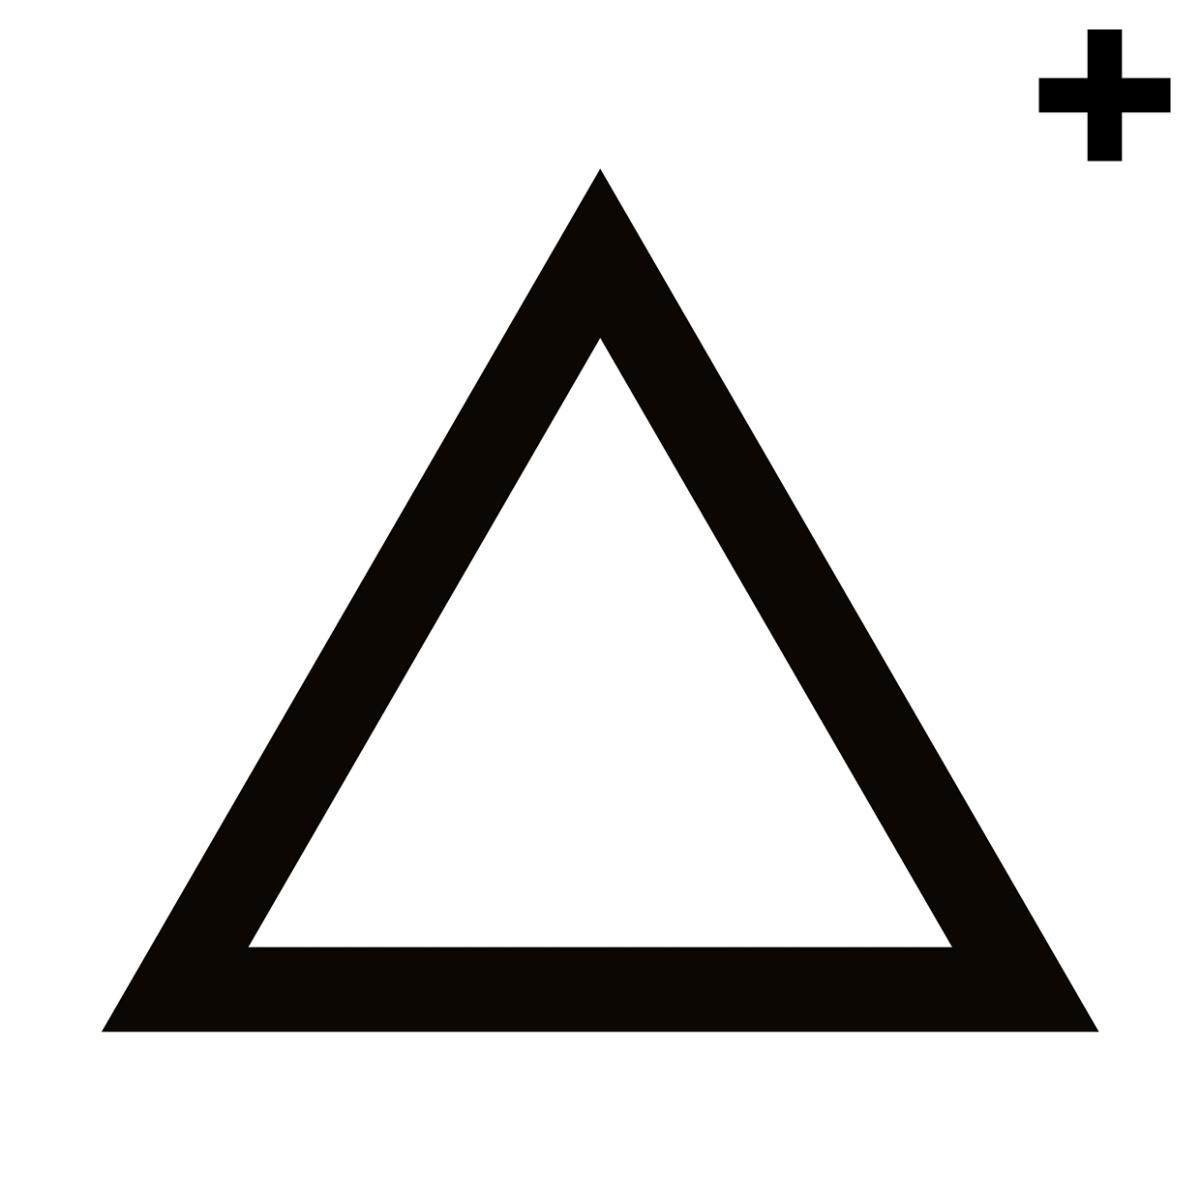 Imagen en la que se ve un triángulo con el trazo en color negro